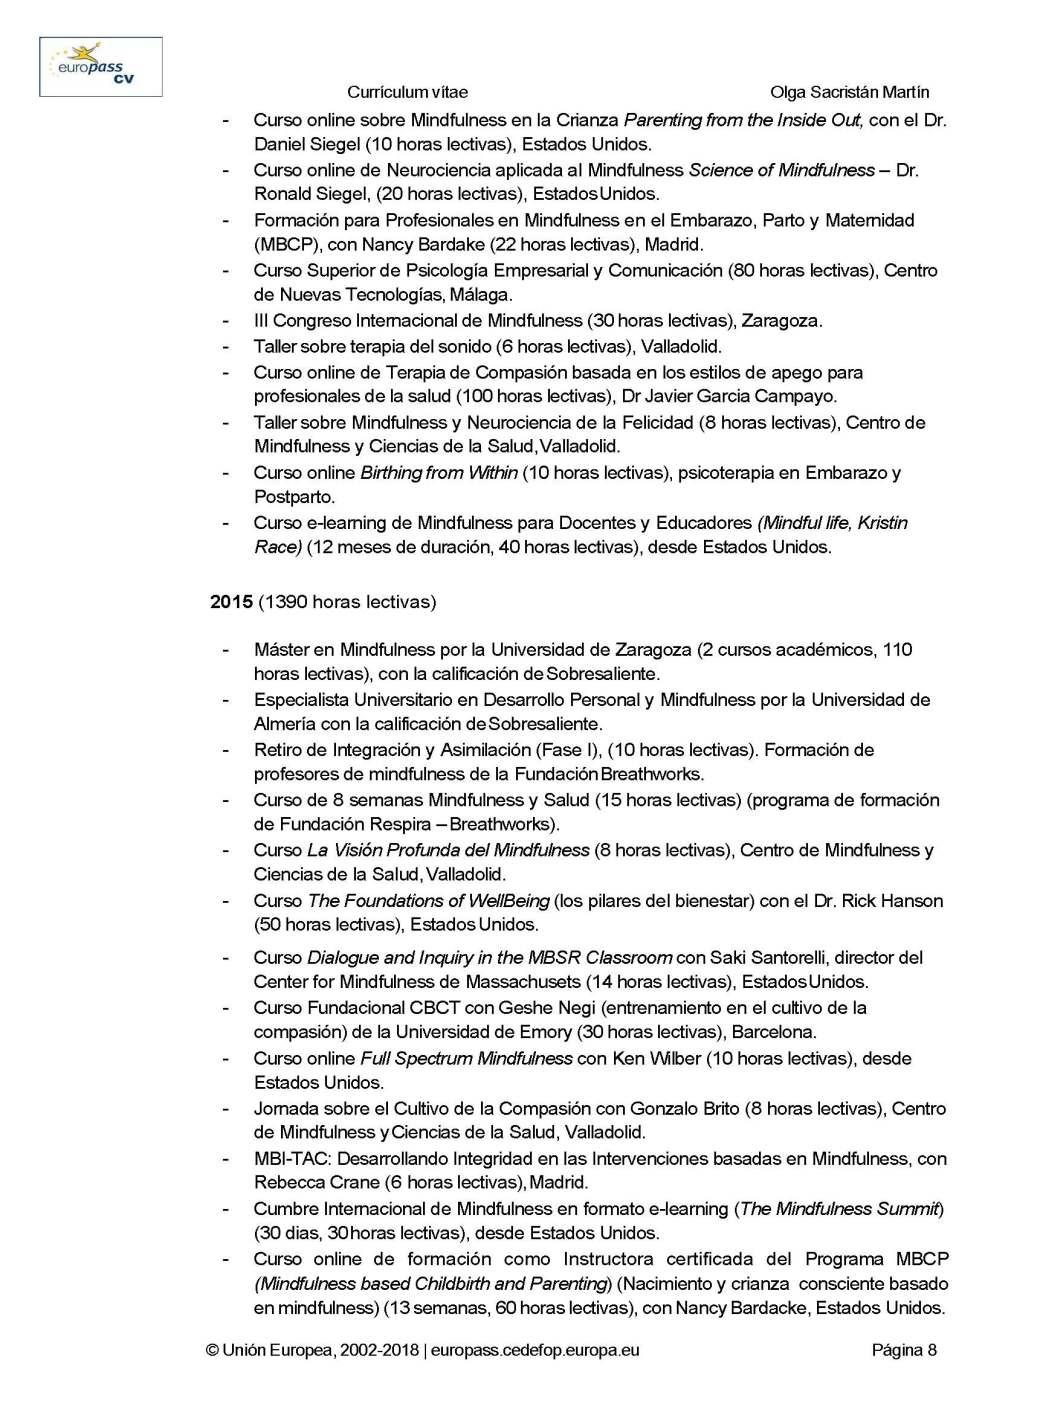 CURRICULUM EUROPASS DRA. OLGA SACRISTAN 2020_Página_08